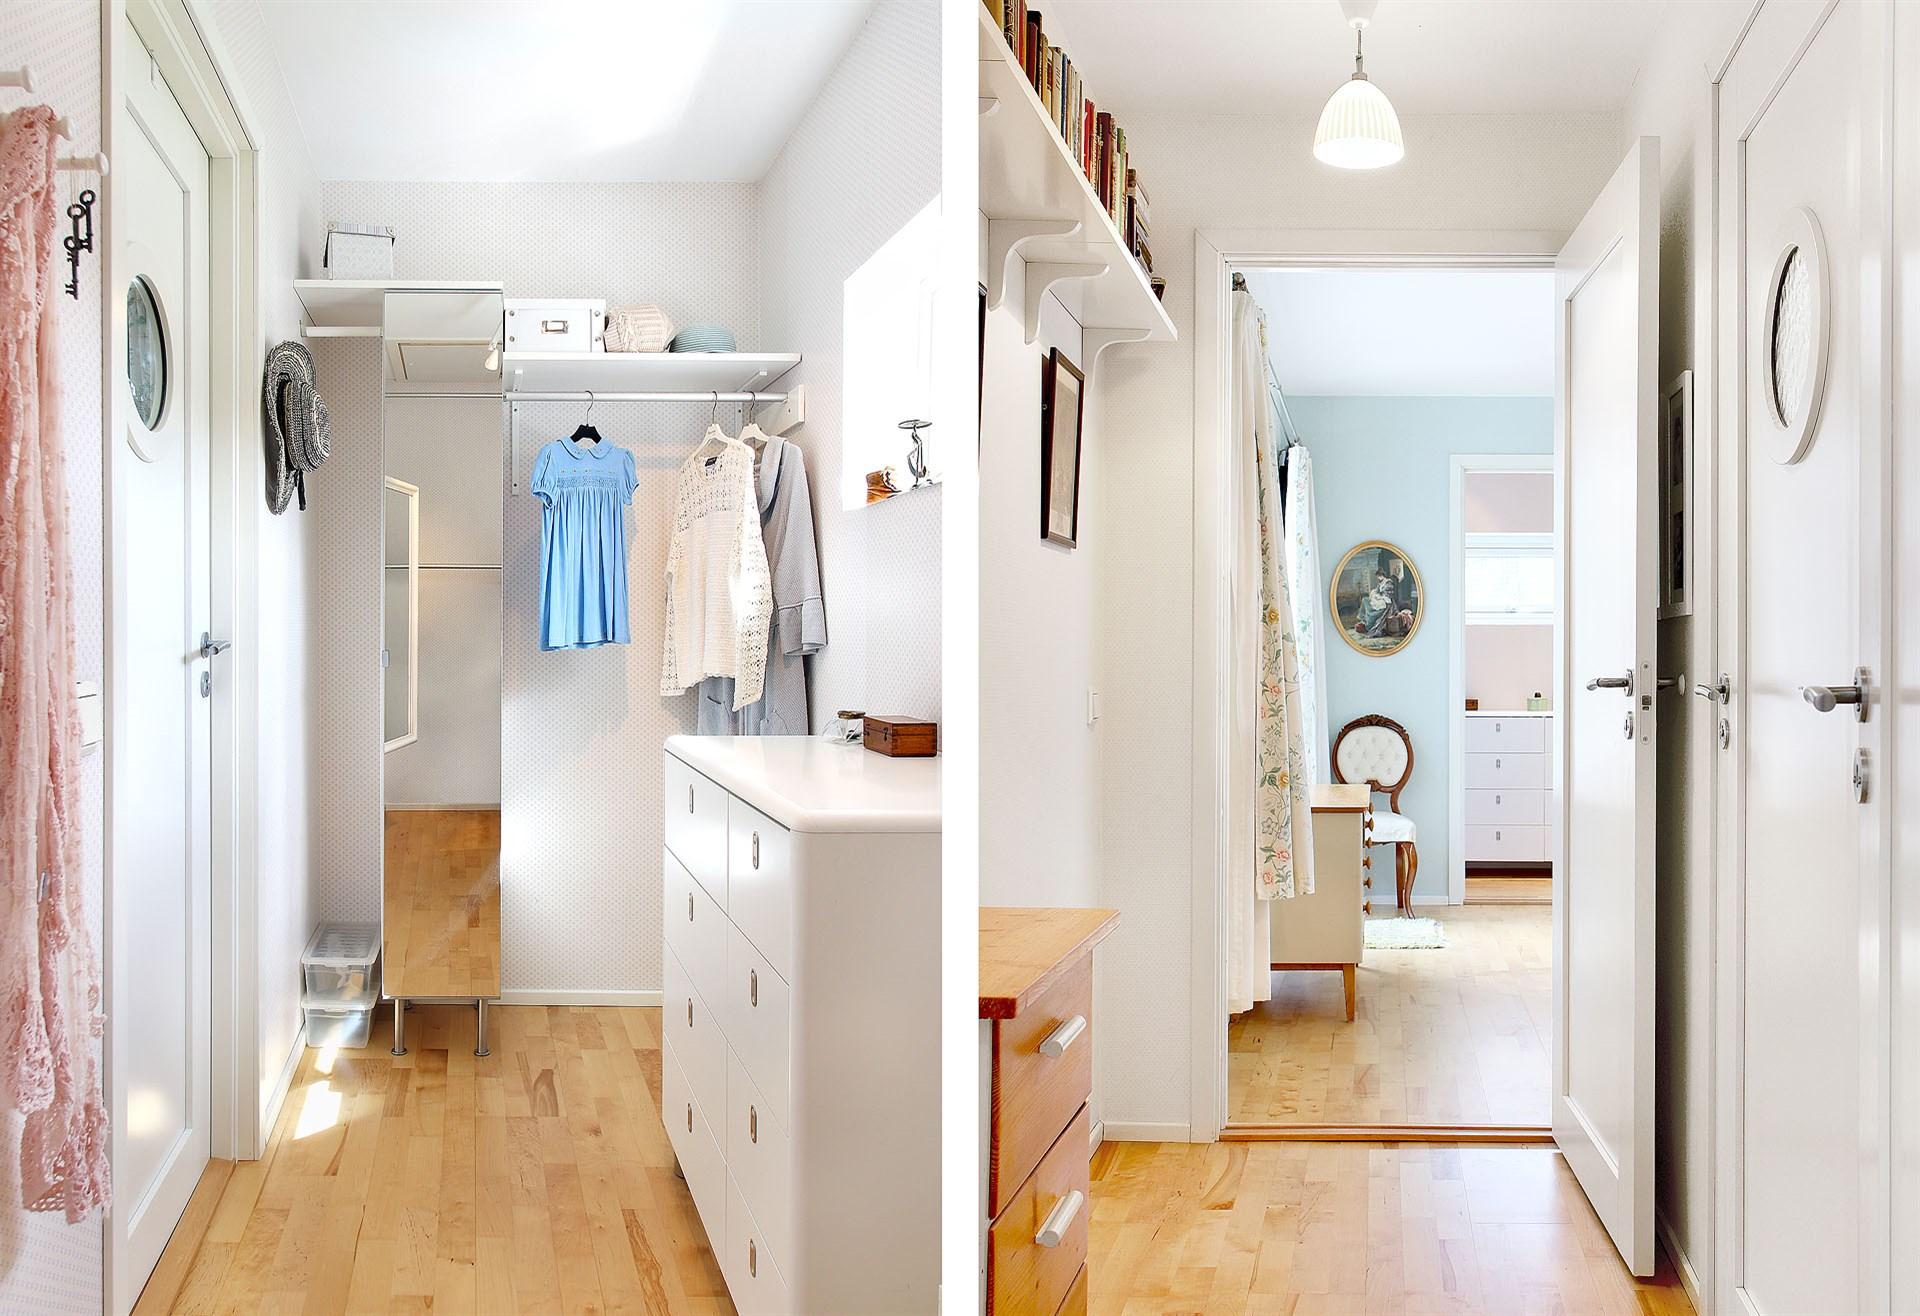 Klädkammare samt passage förbi badrum 2 tillhörande sovrum 4